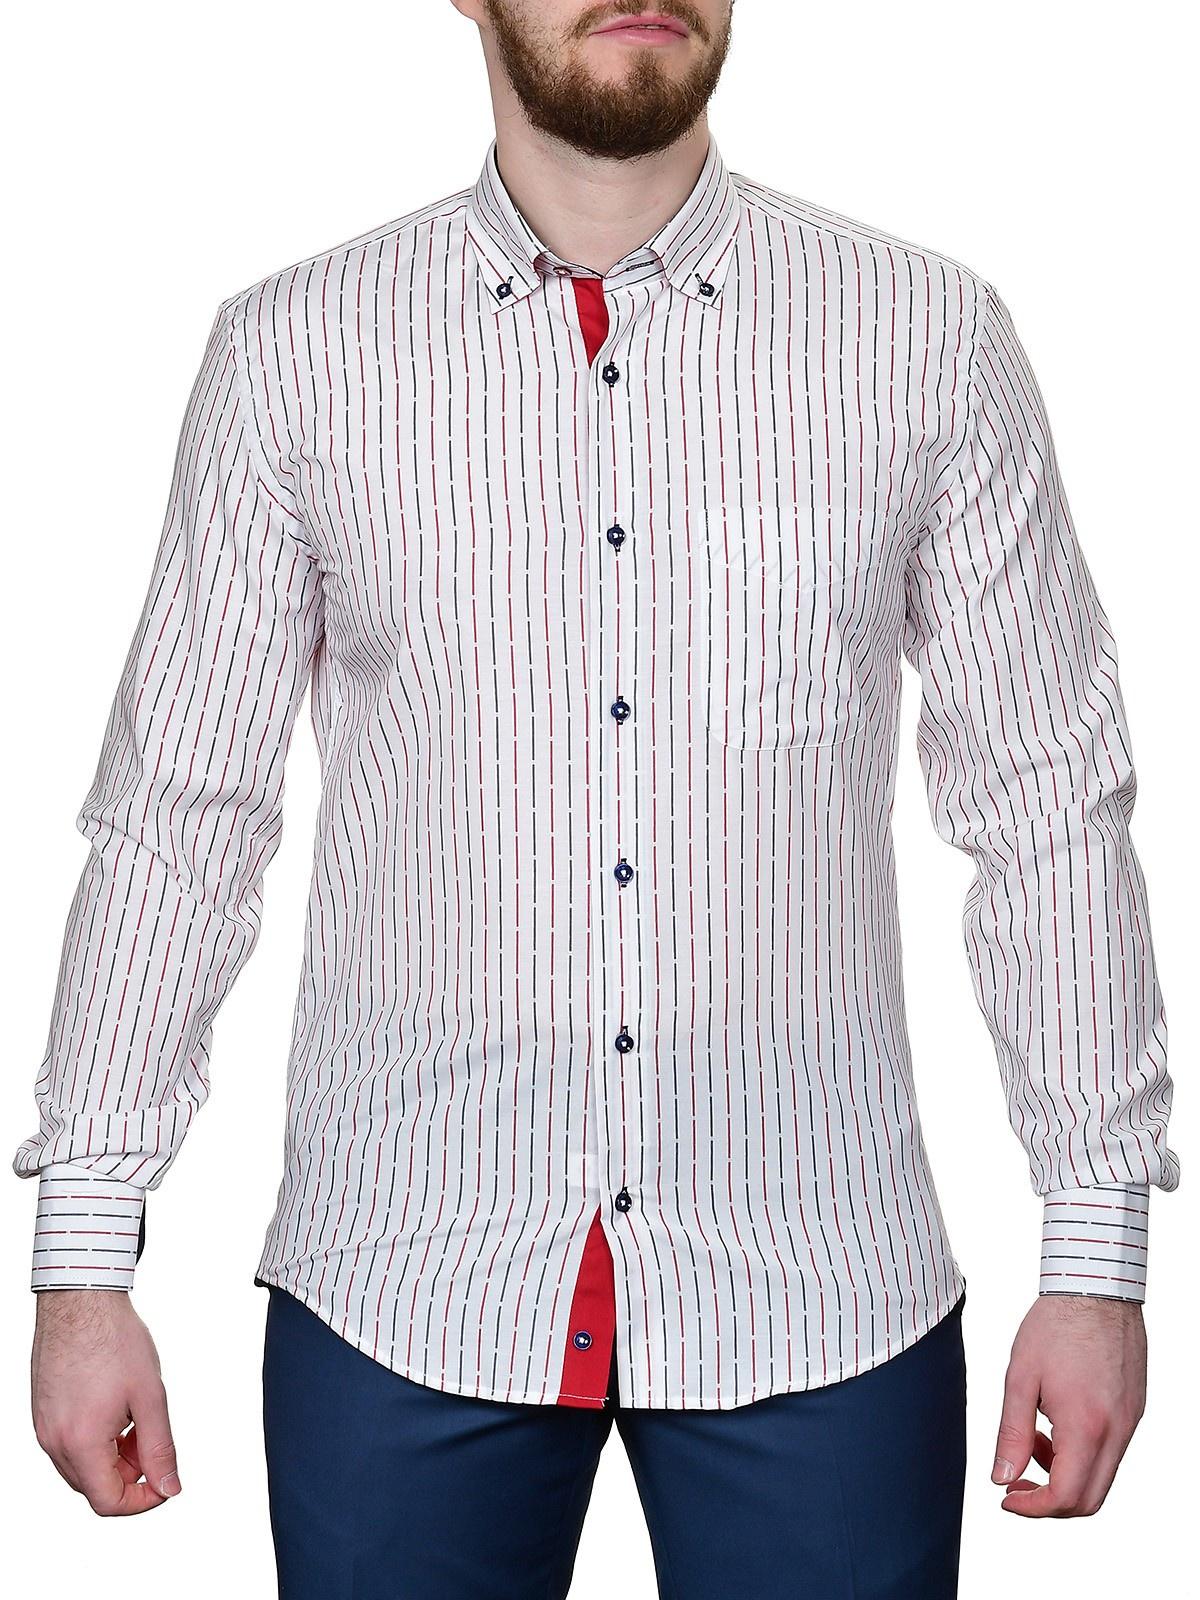 купить Рубашка Fayzoff S.A. по цене 2740 рублей